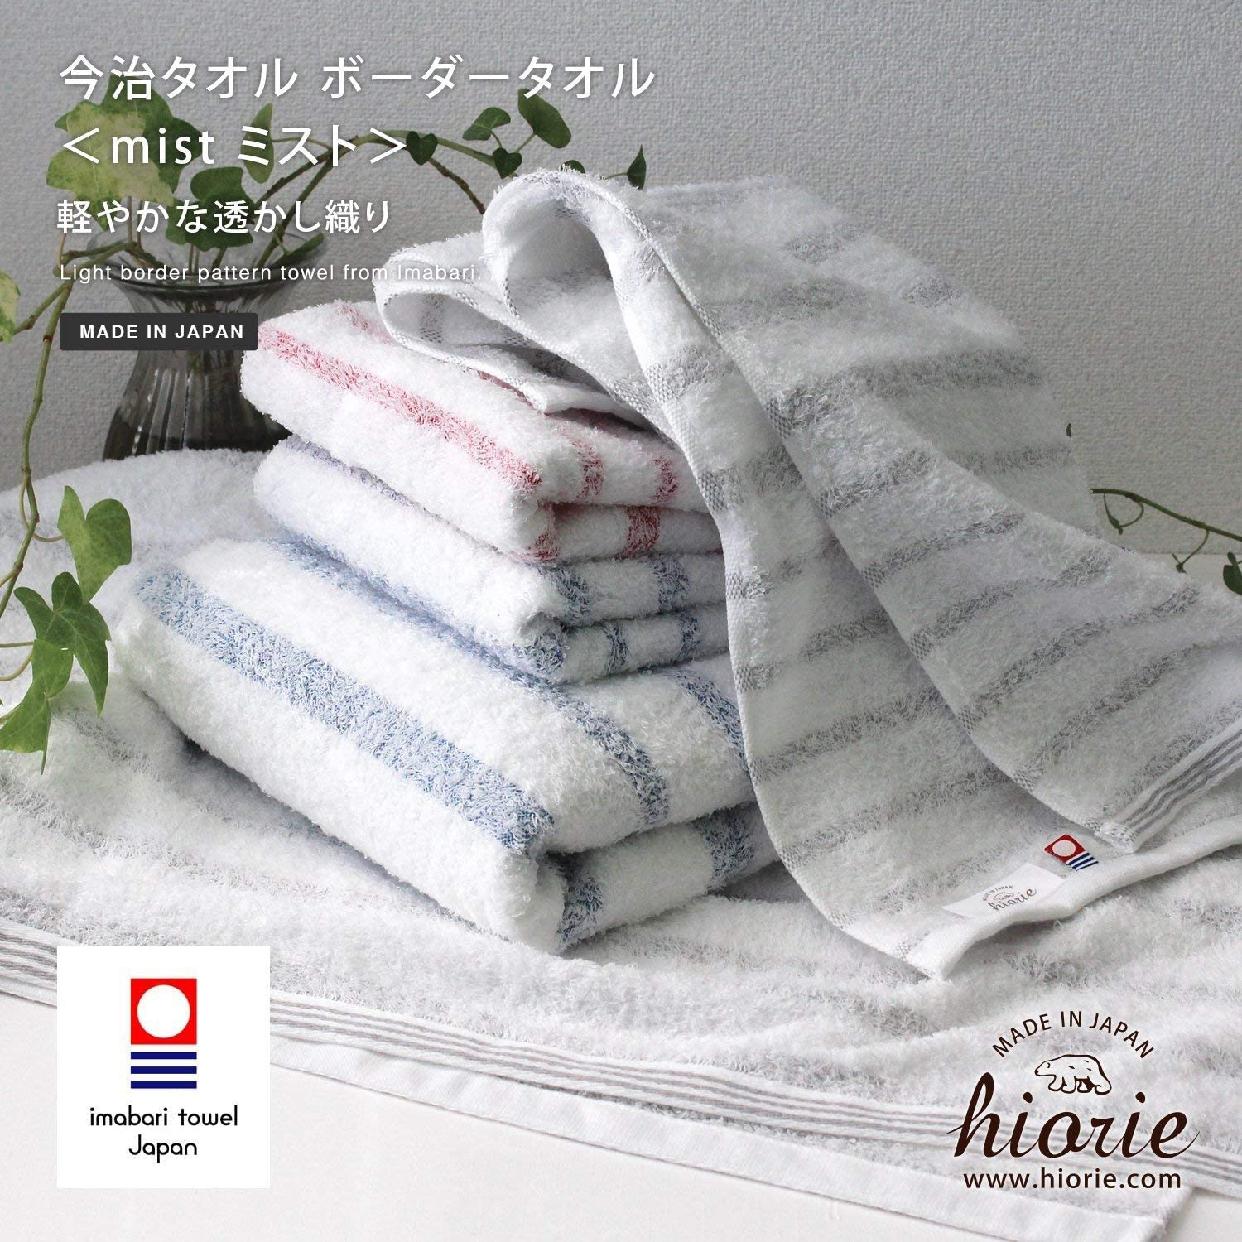 hiorie(ヒオリエ) 今治タオル ボーダーバスタオルの商品画像2